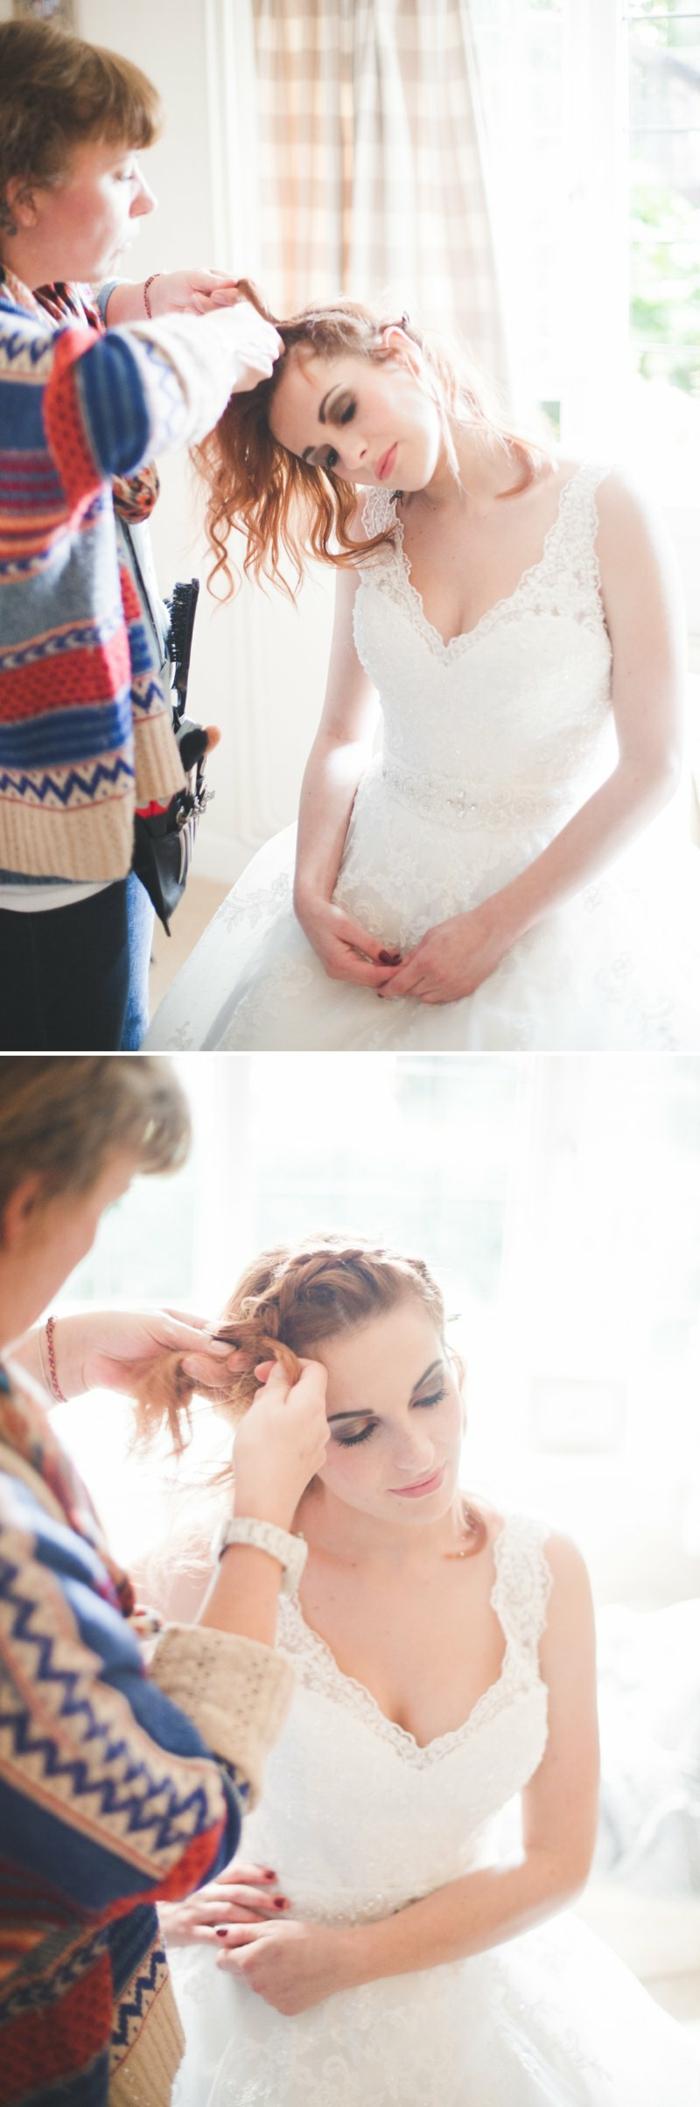 einzigartige Flechtfrisuren Hochzeit, zwei Fotos von einem Mädchen mit rotem Haar